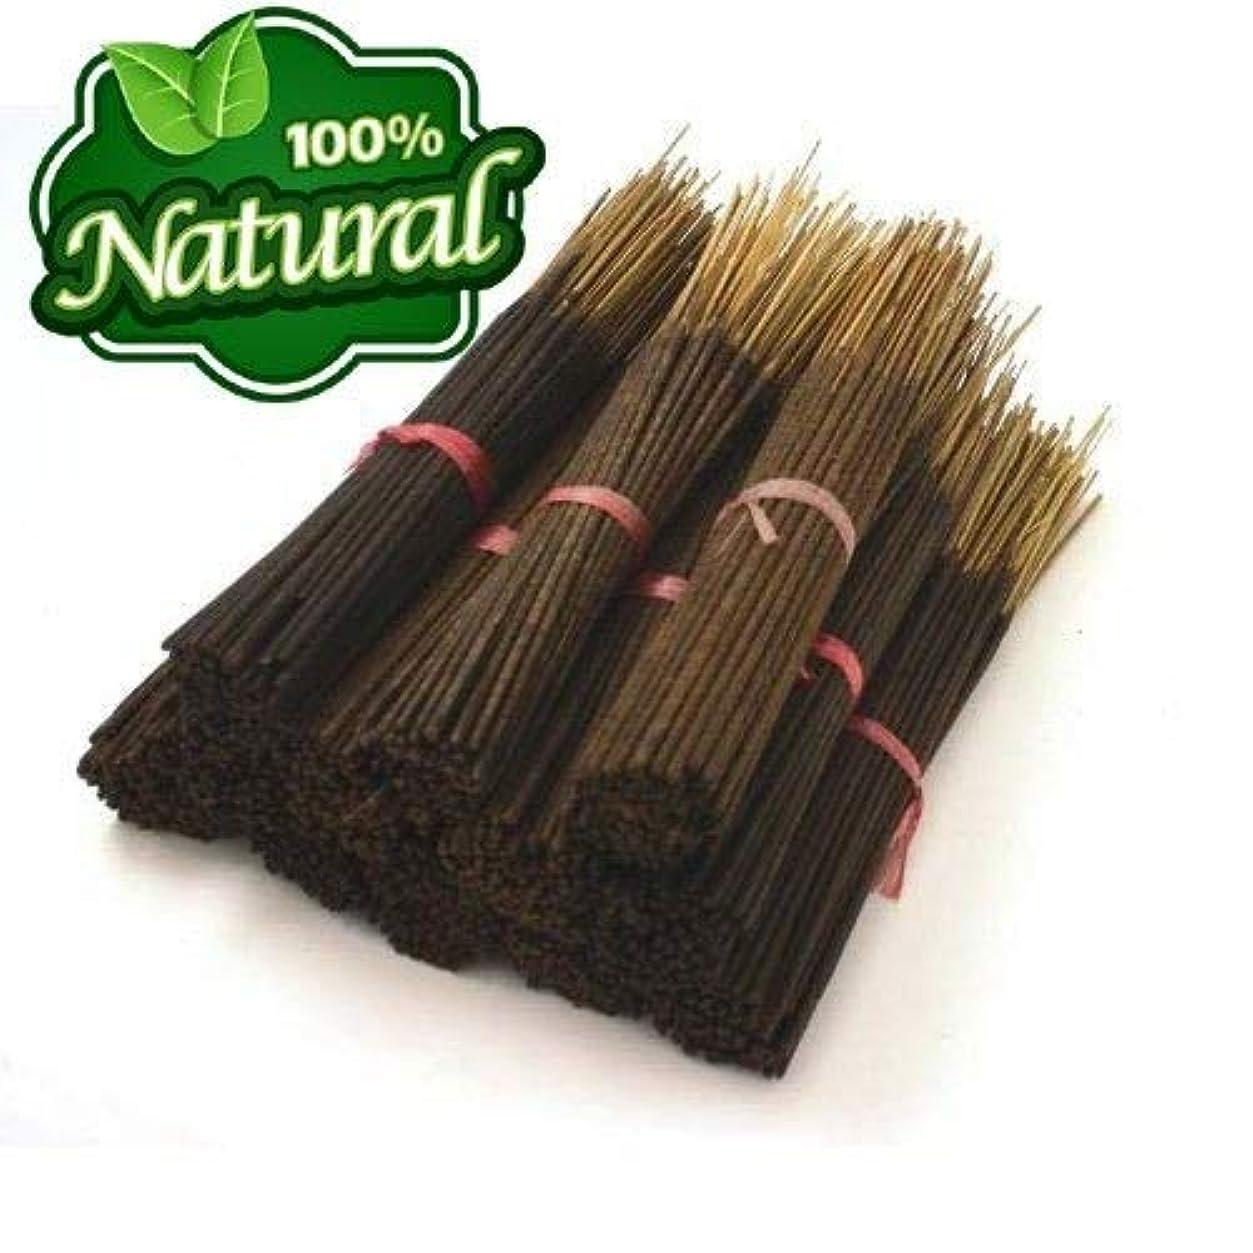 審判逆説日付付きBless-Frankincense-and-Myrrh 100%-natural-incense-sticks Handmade-hand-dipped The-best-woods-scent-500-Pack-(100x5)